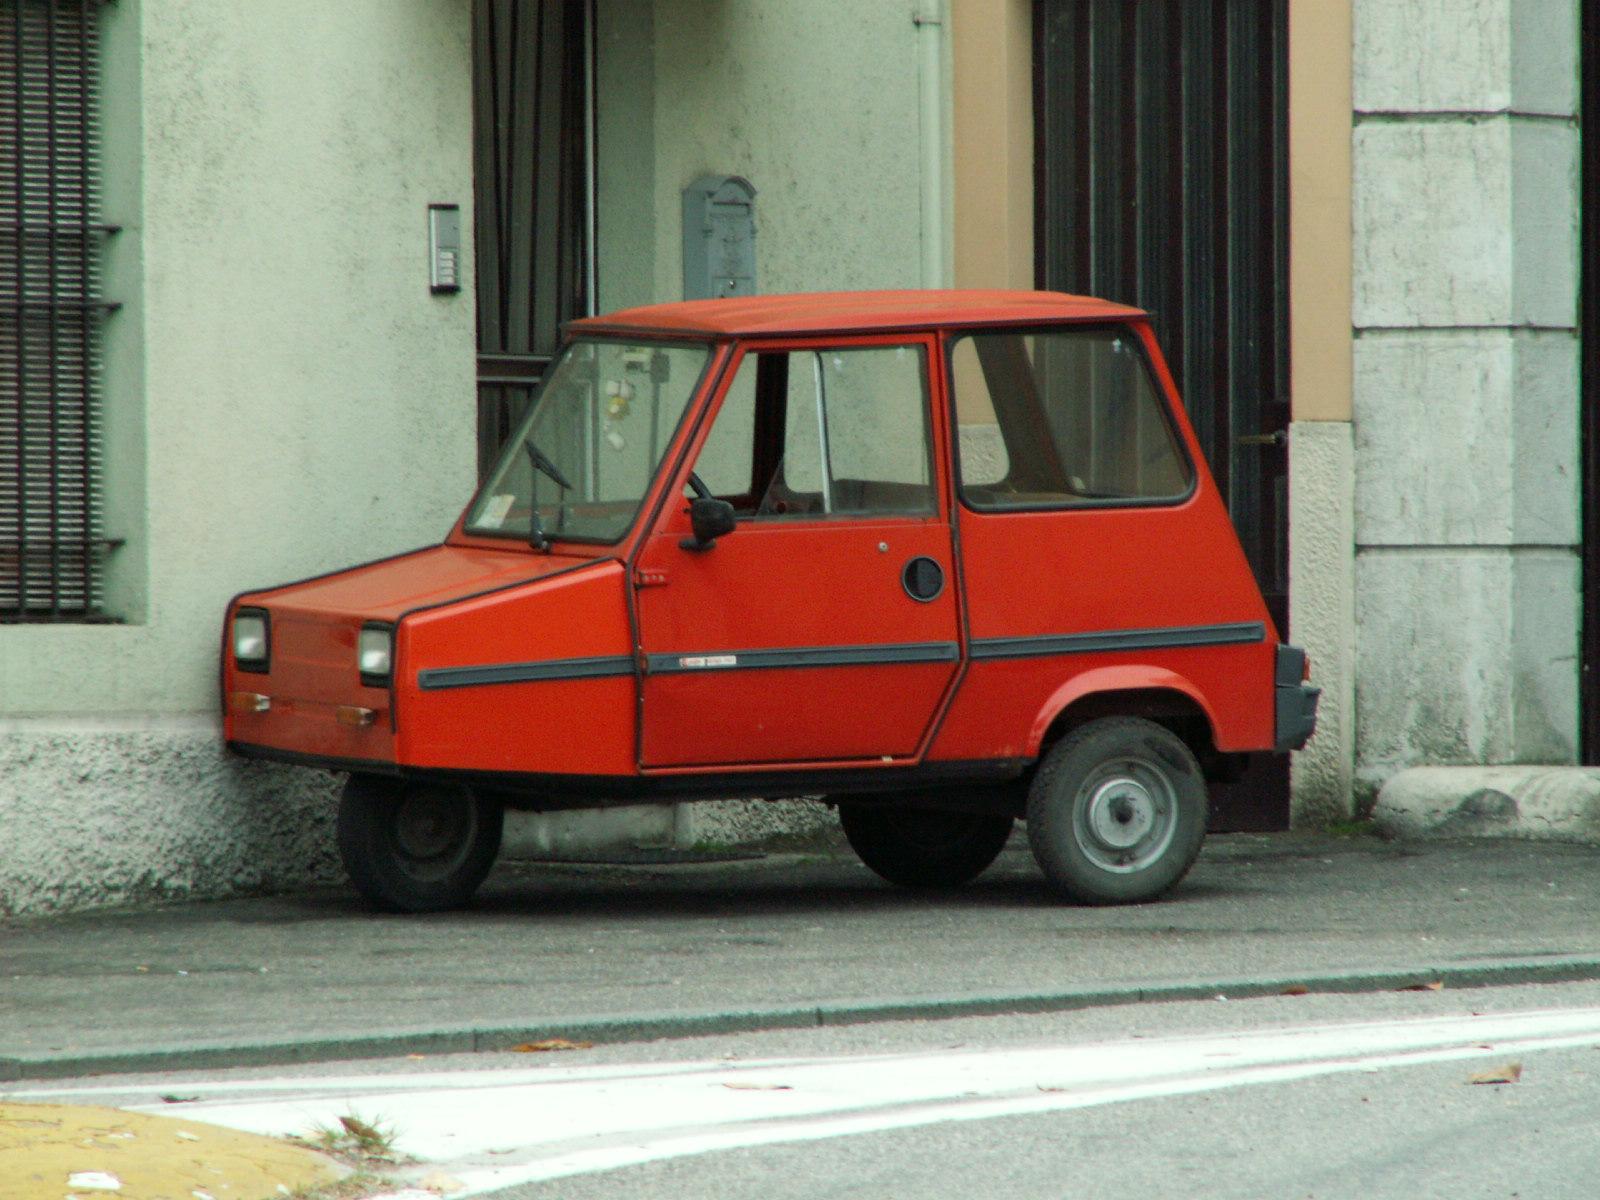 Casalini_Sulky_in_Italy.jpg